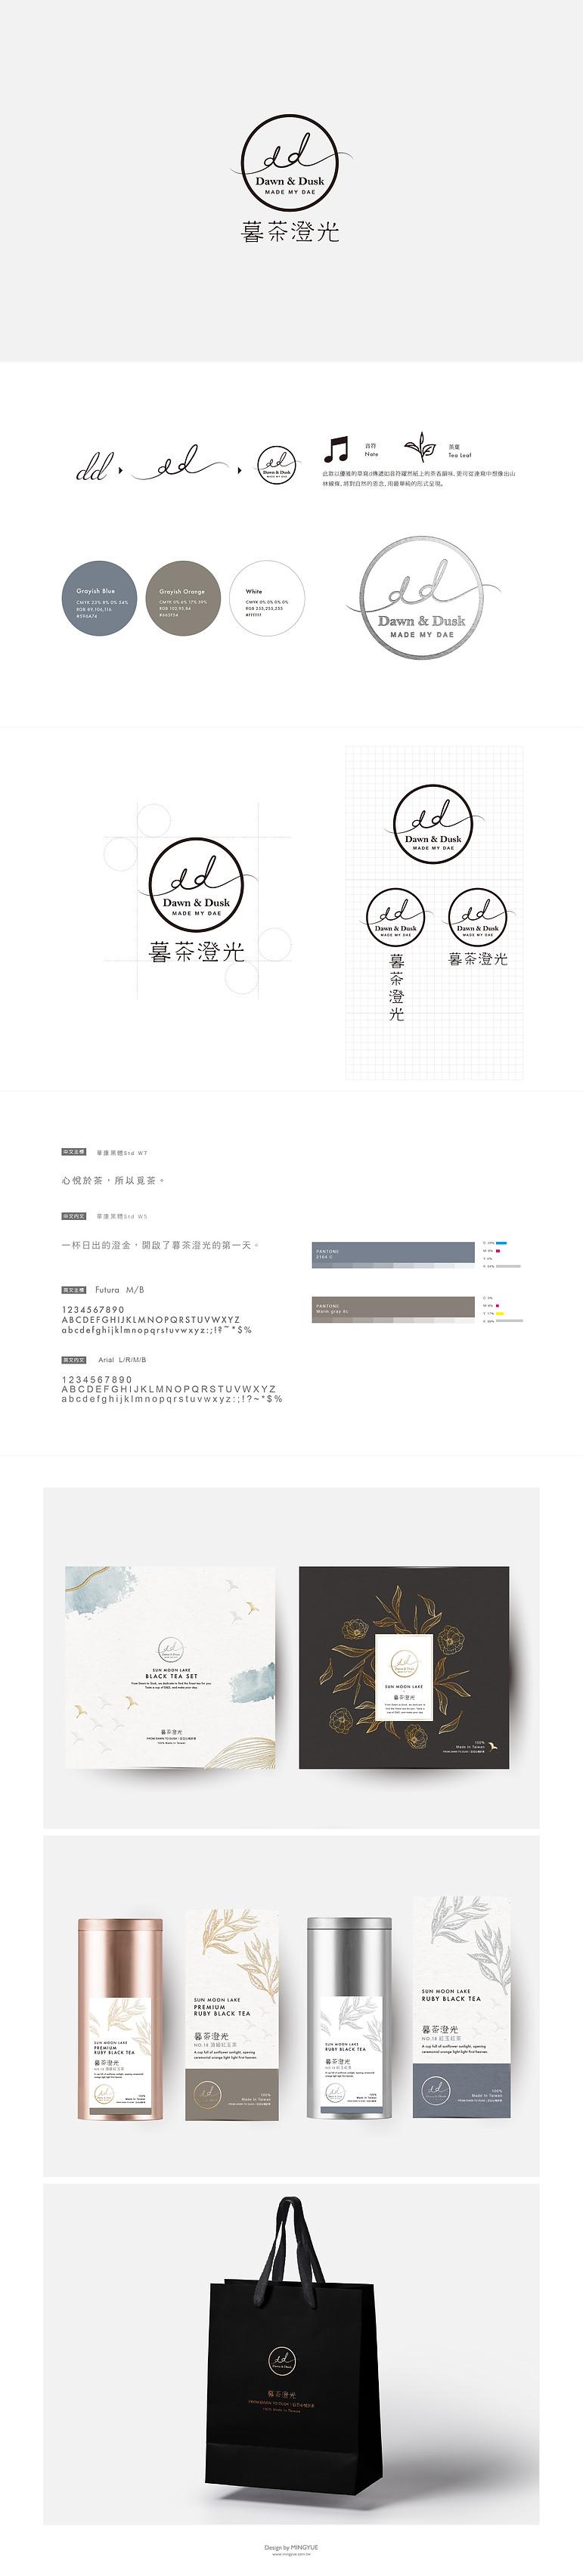 暮茶澄光-簡易CI-0918_品牌設計.jpg